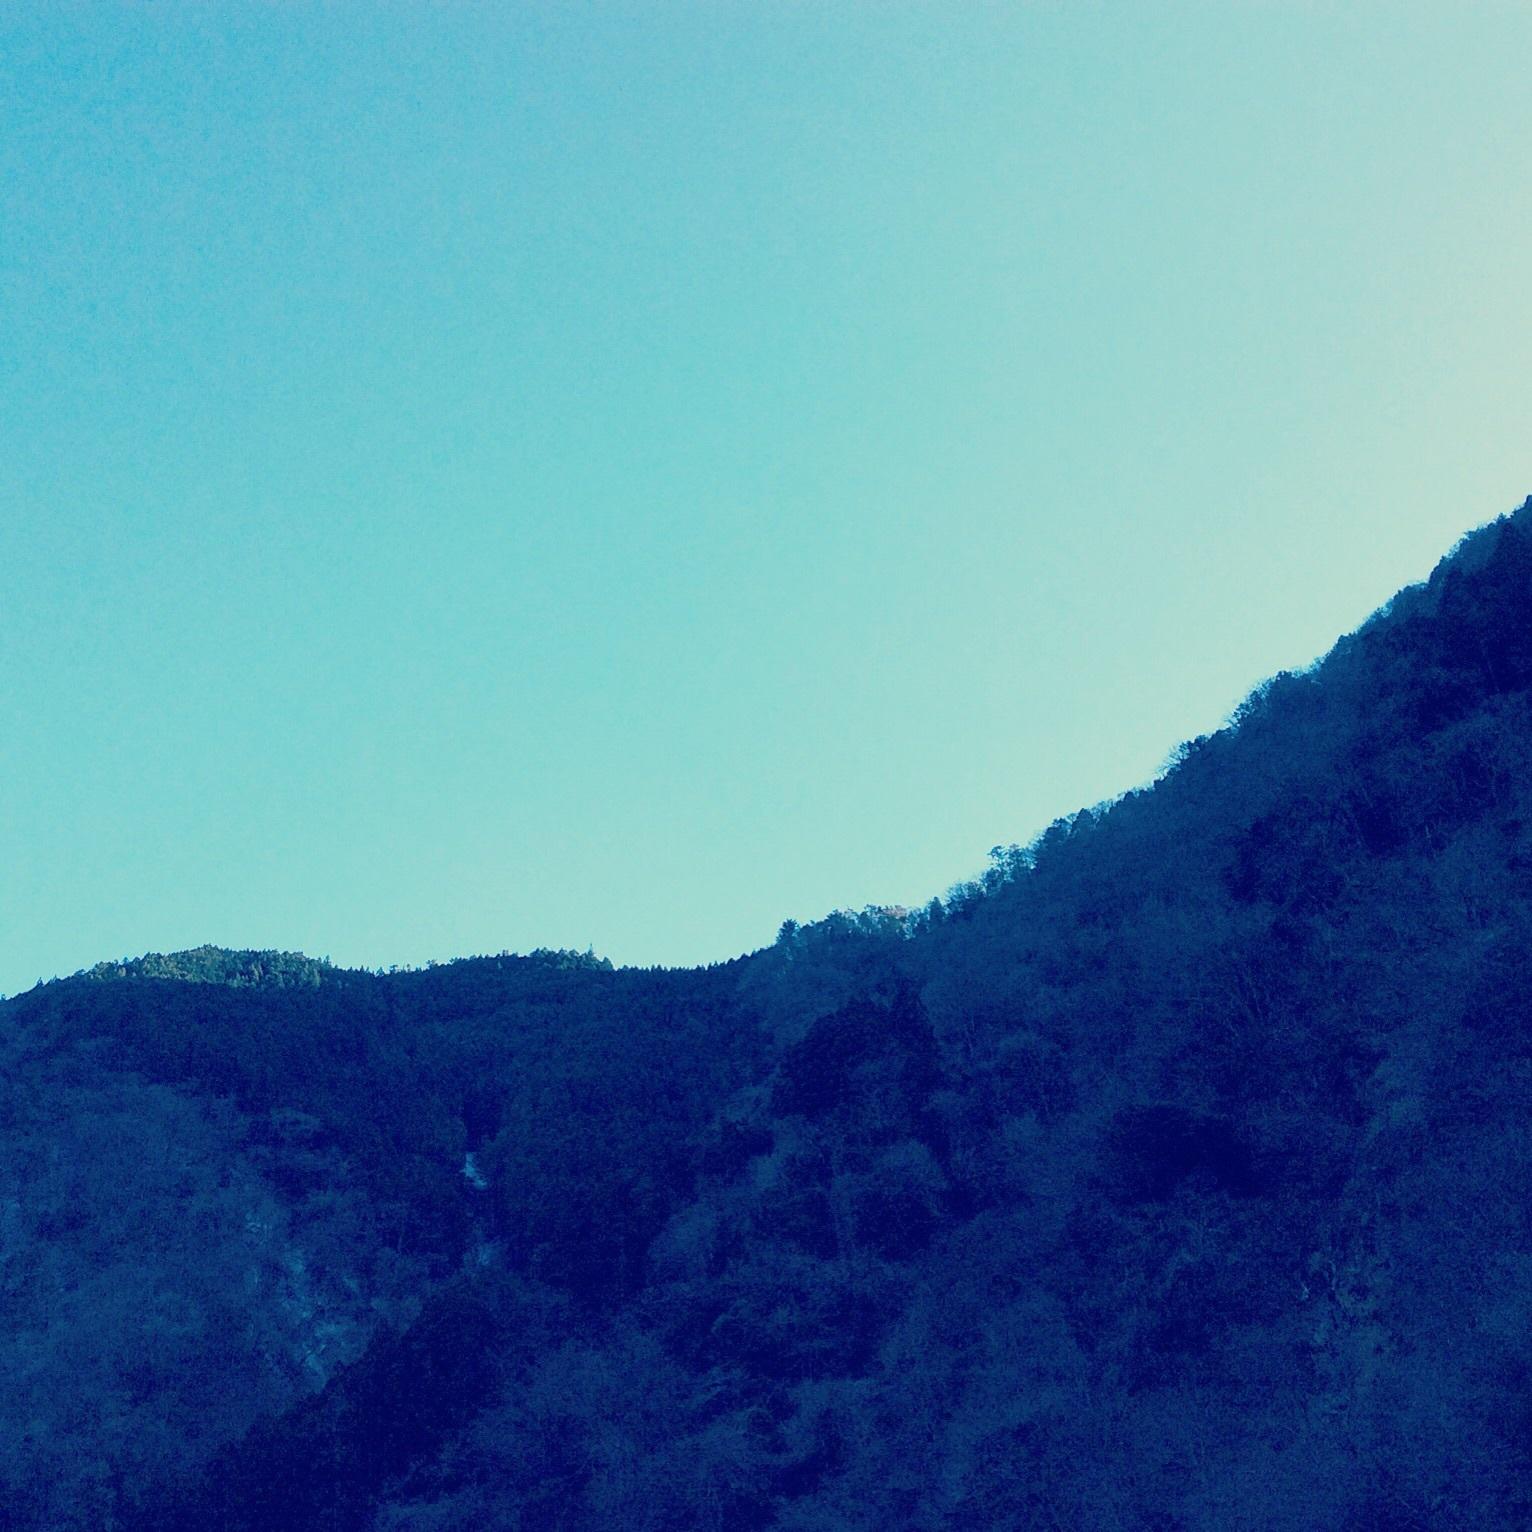 冬山へ_e0131432_18372269.jpg